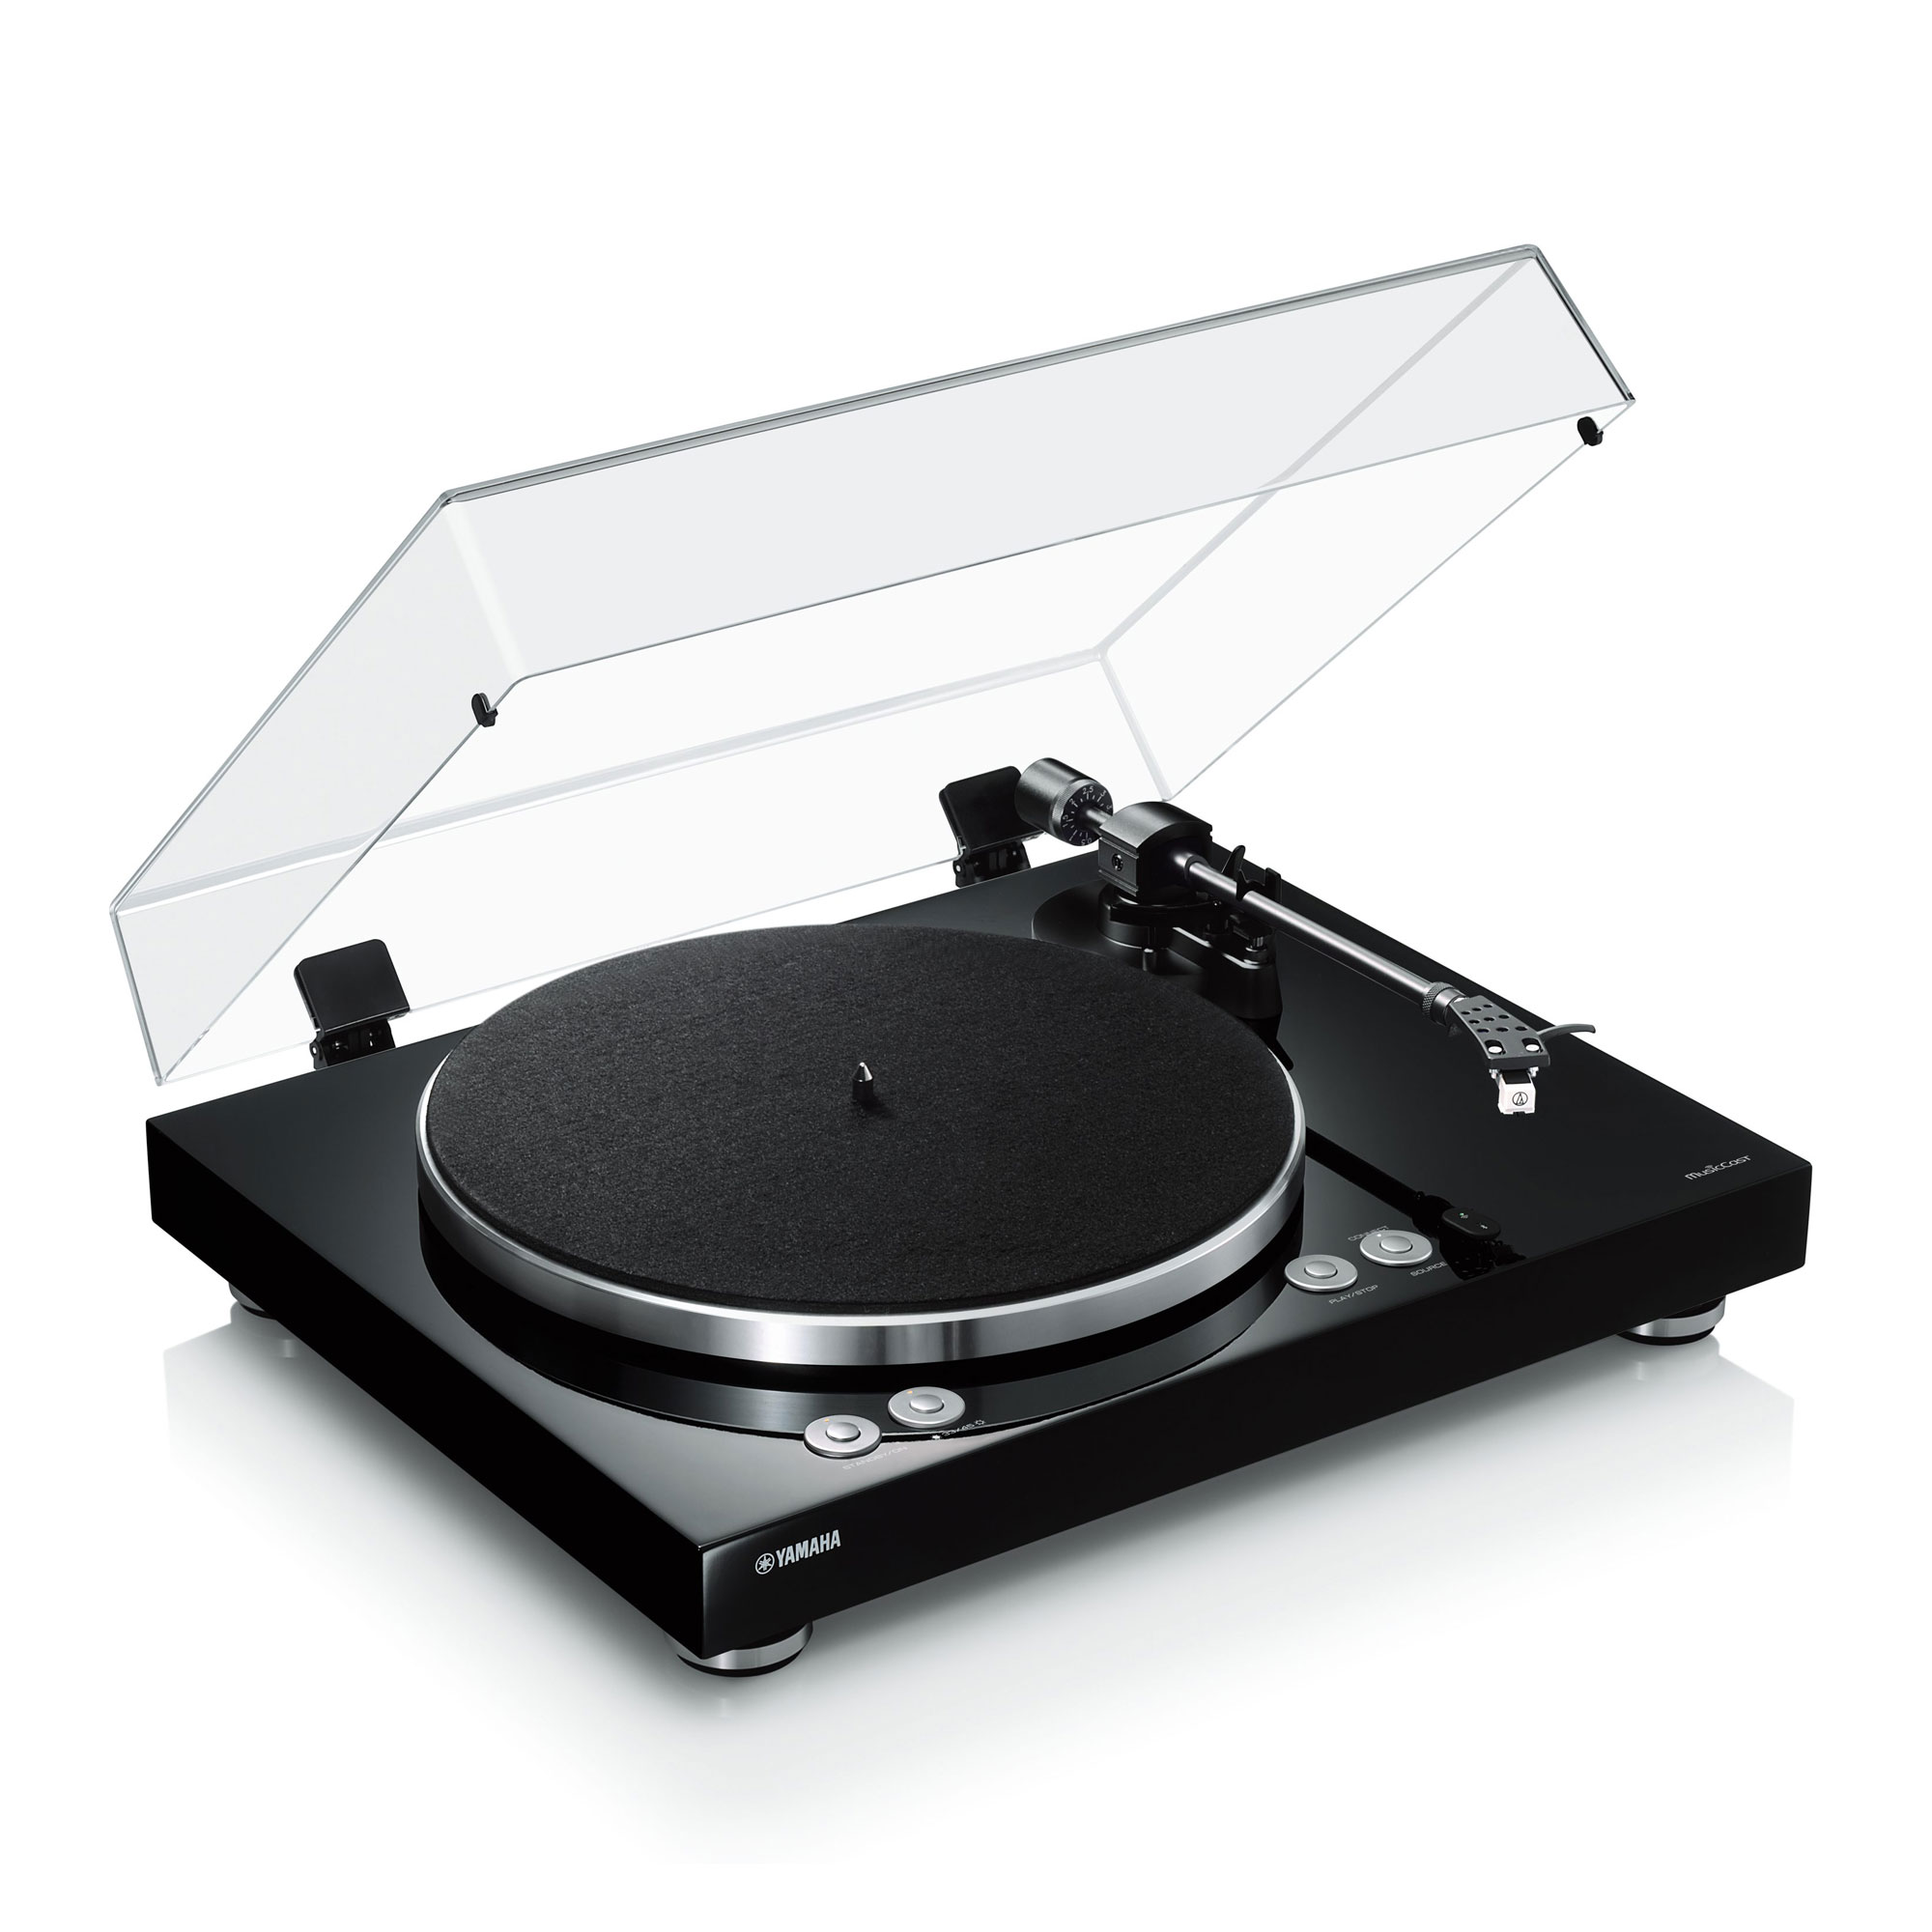 Yamaha MusicCast VINYL 500 TT-N 503 schwarz Plattenspieler 44300